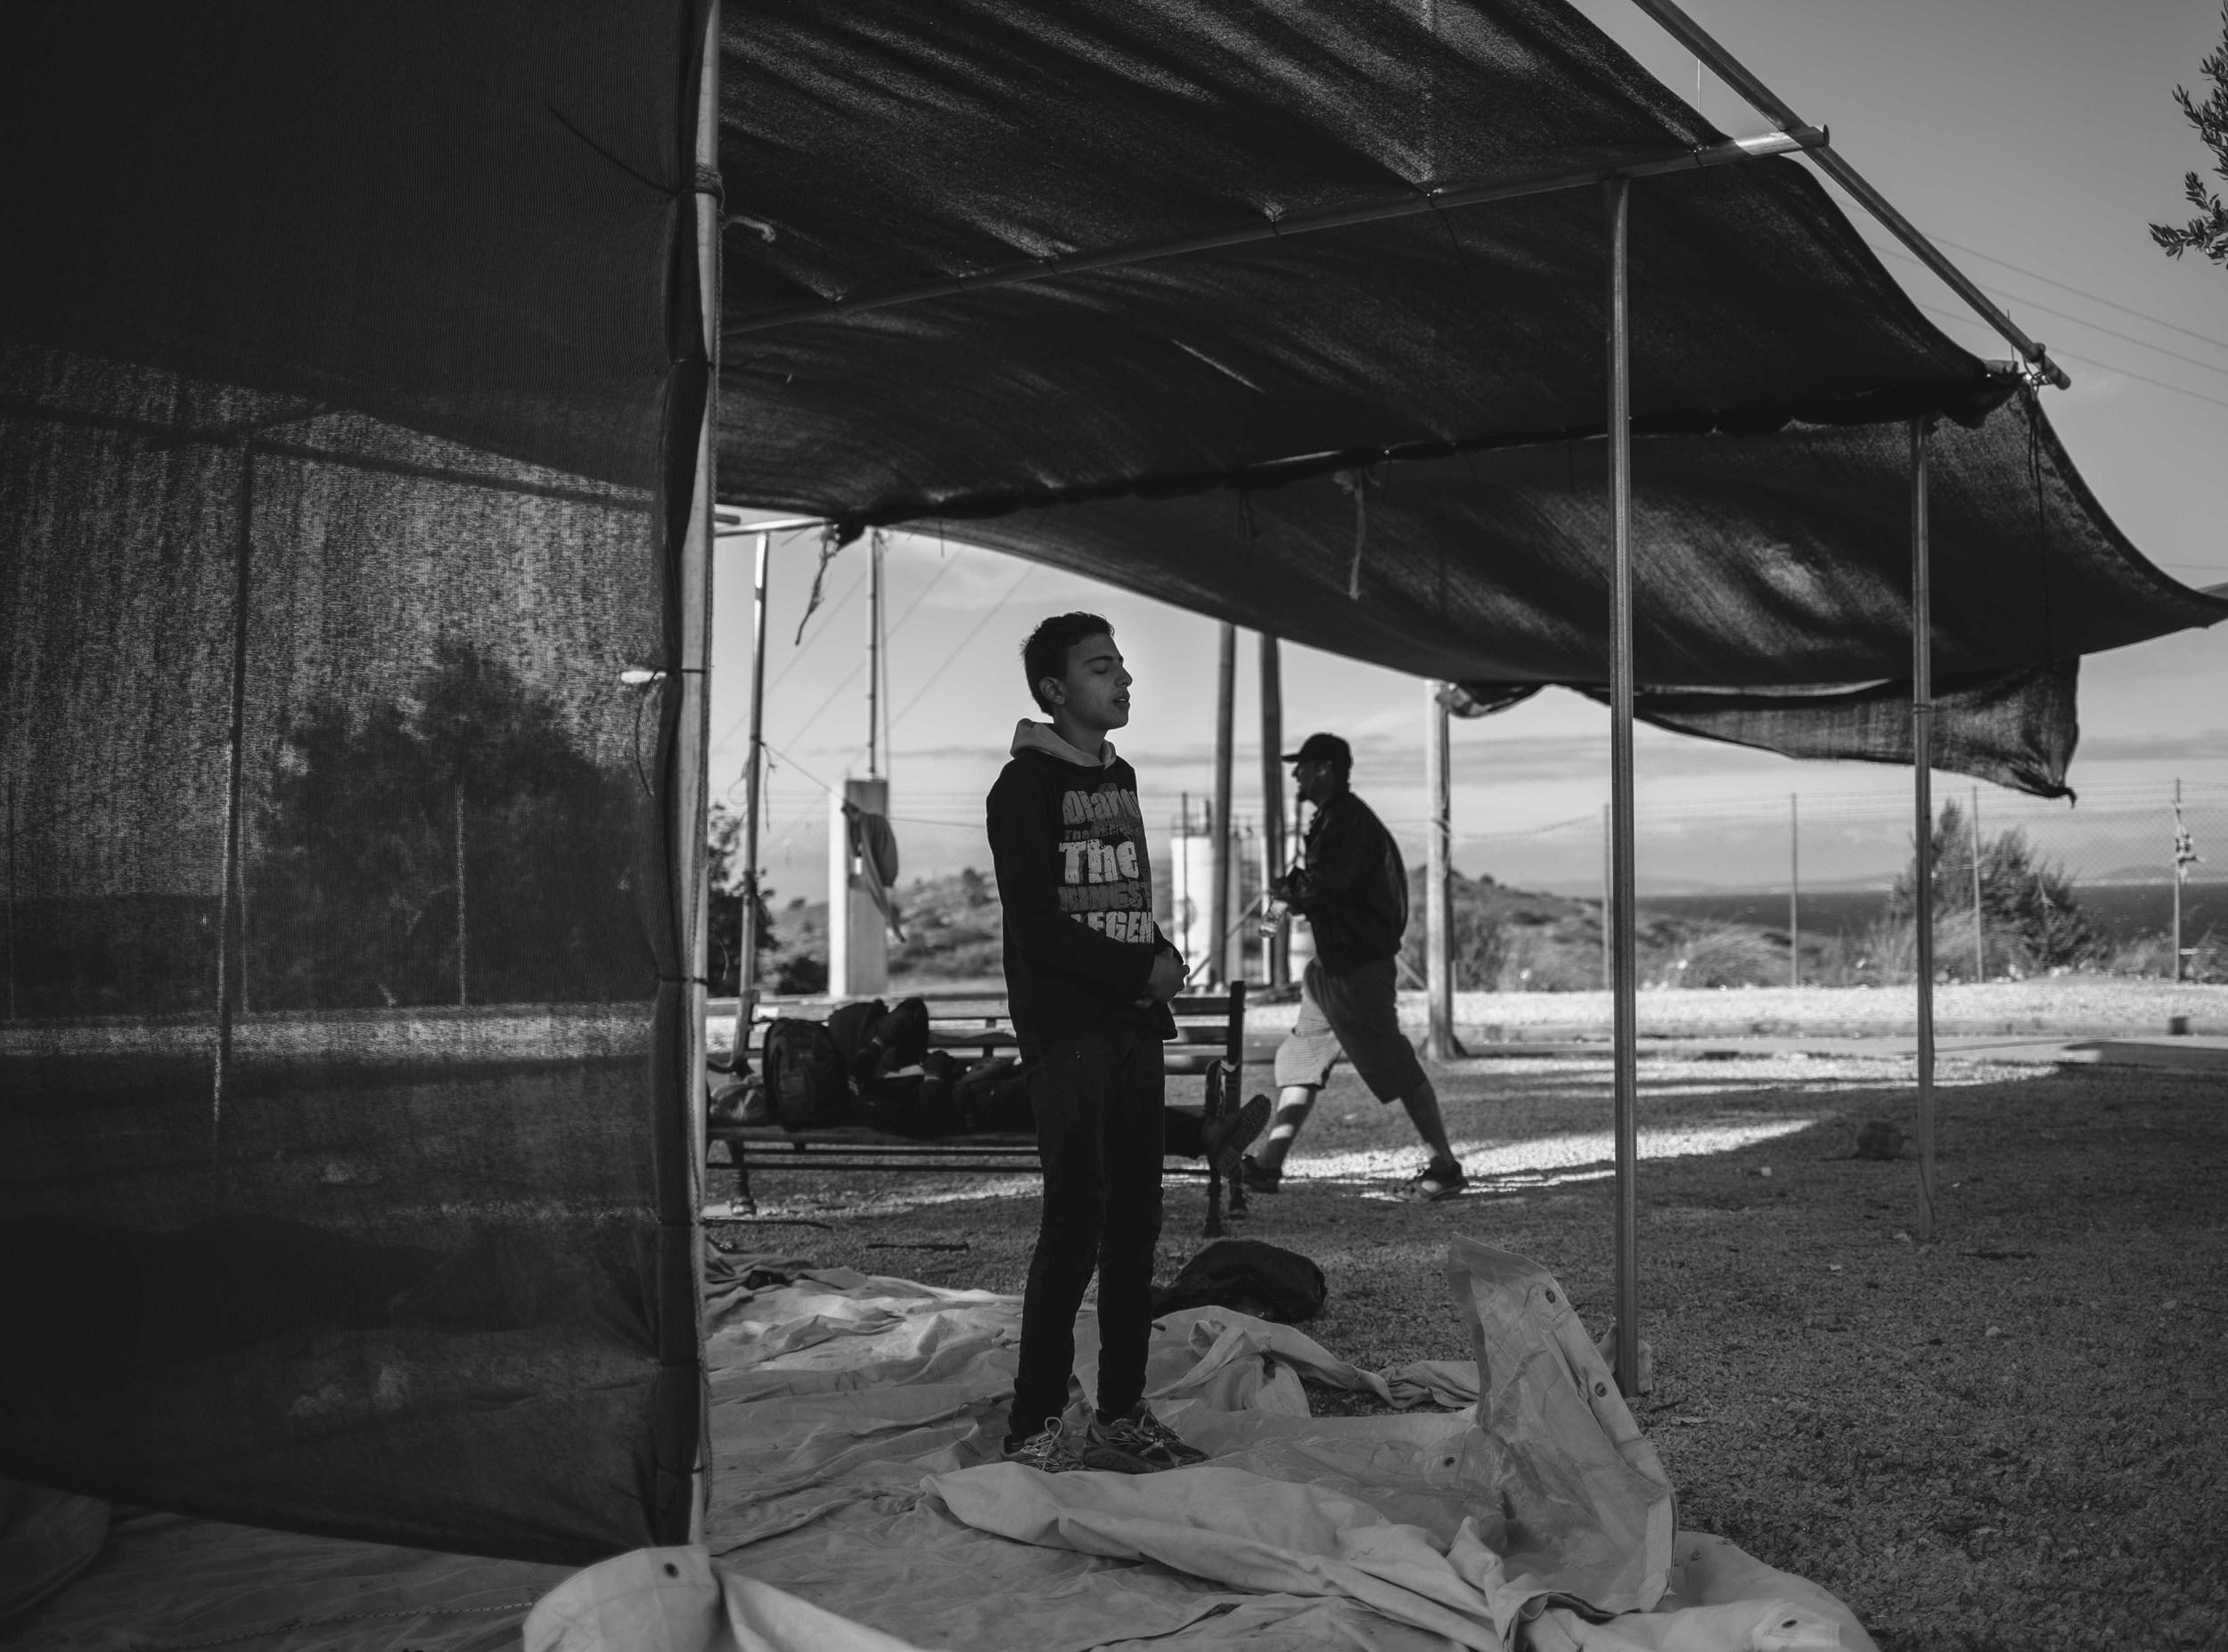 Performing midday prayers at Kara Tepe camp.